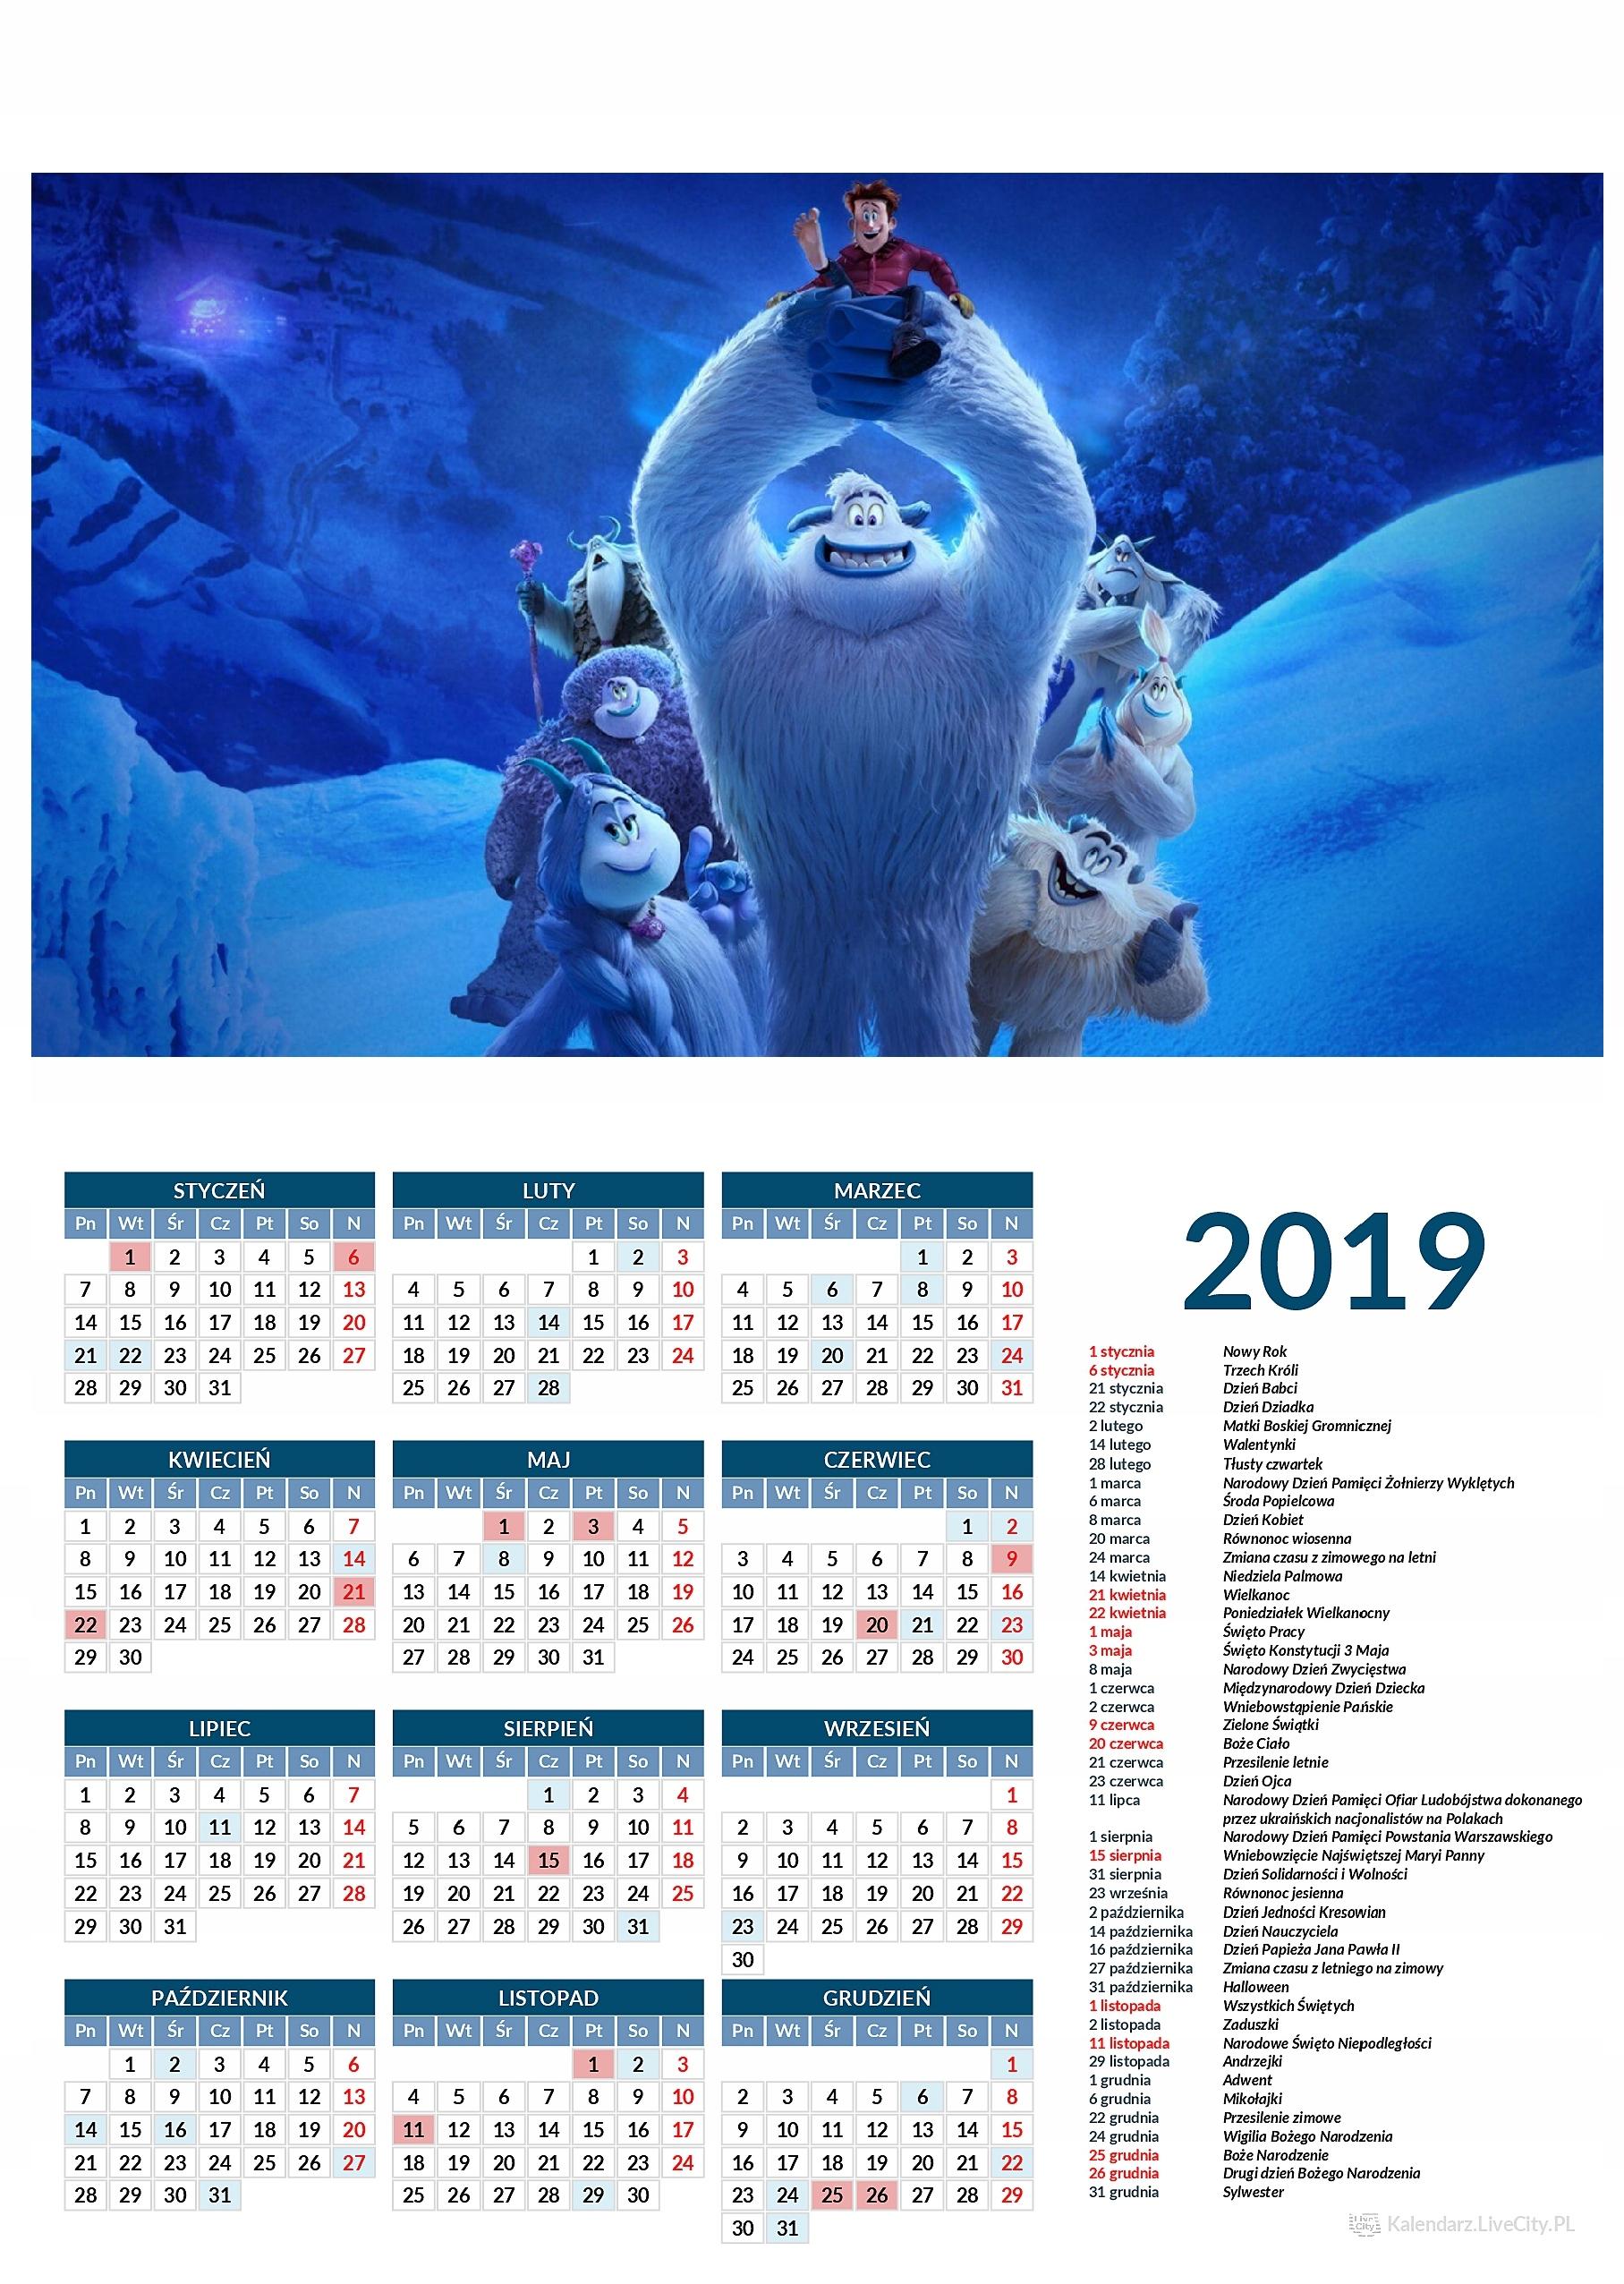 Kalendarz 2019 film mała stopa